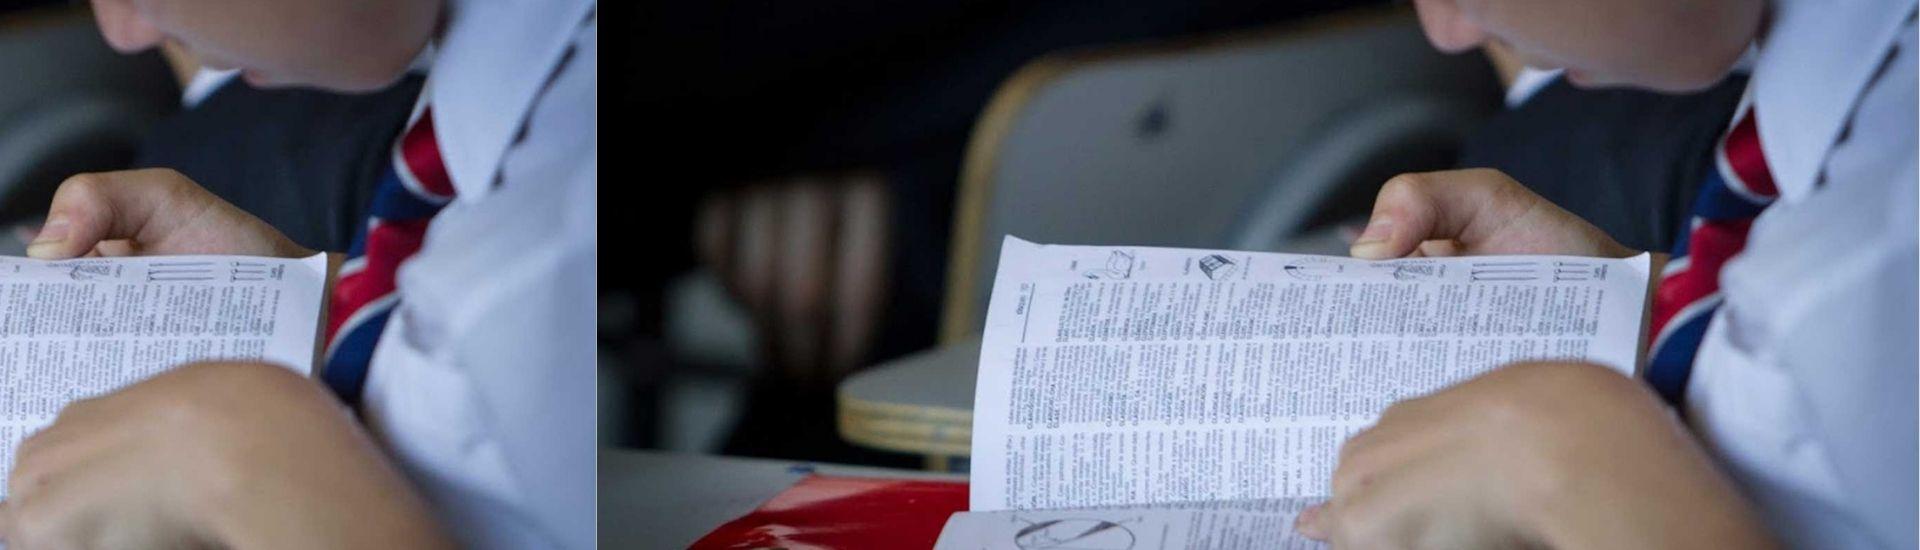 Fotografía de estudiante leyendo el diccionario